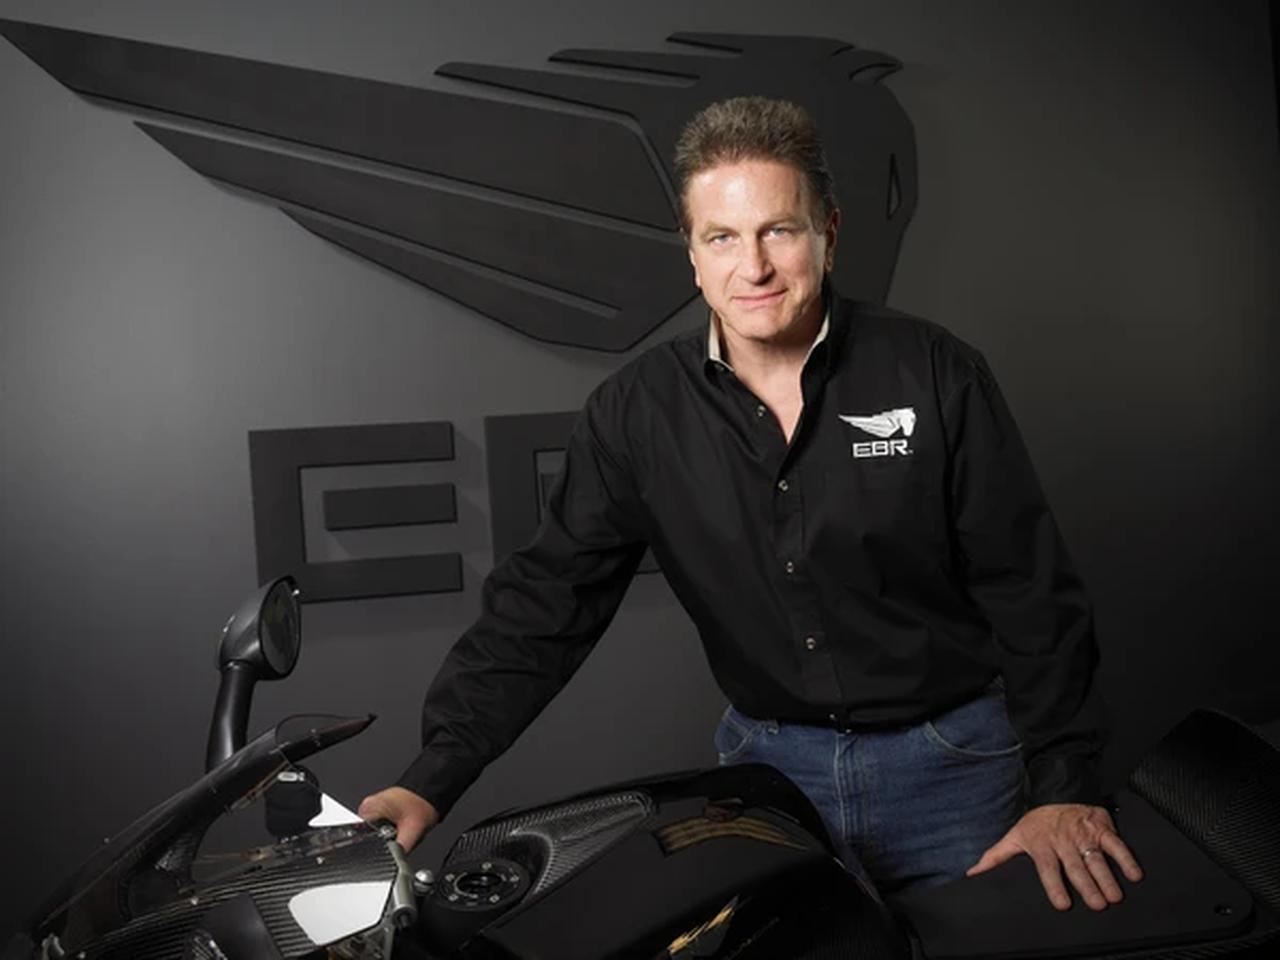 画像: 2009年にEBRを米国ウィスコンシン州に創立したE.ビューエルですが、財政破綻により彼は社を去ることになります・・・。 www.fuell.us